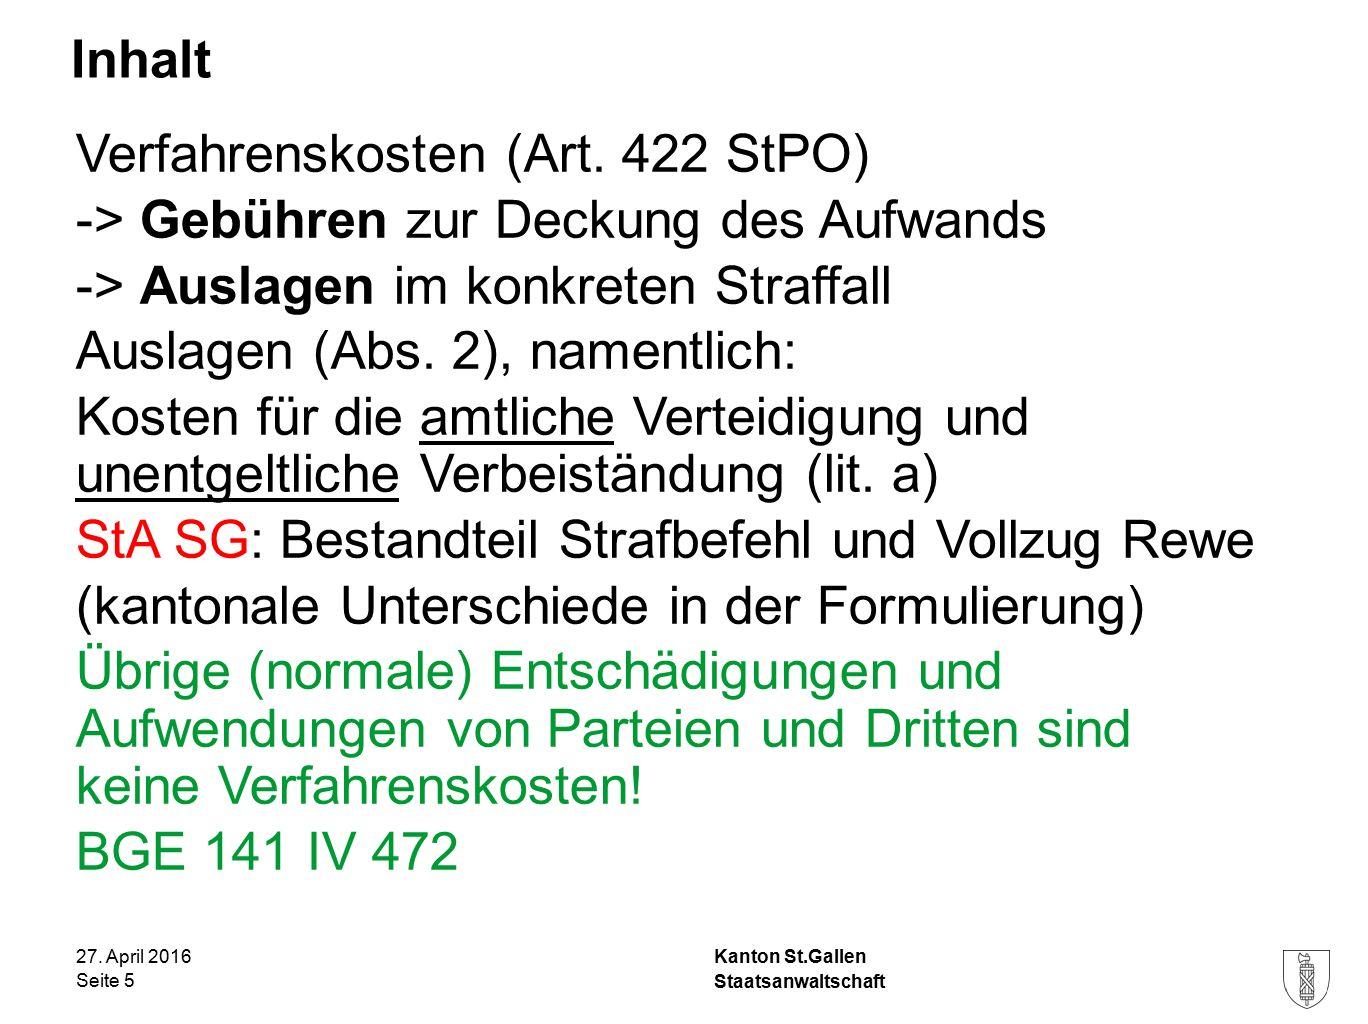 Kanton St.Gallen Inhalt 27. April 2016 Staatsanwaltschaft Seite 5 Verfahrenskosten (Art.